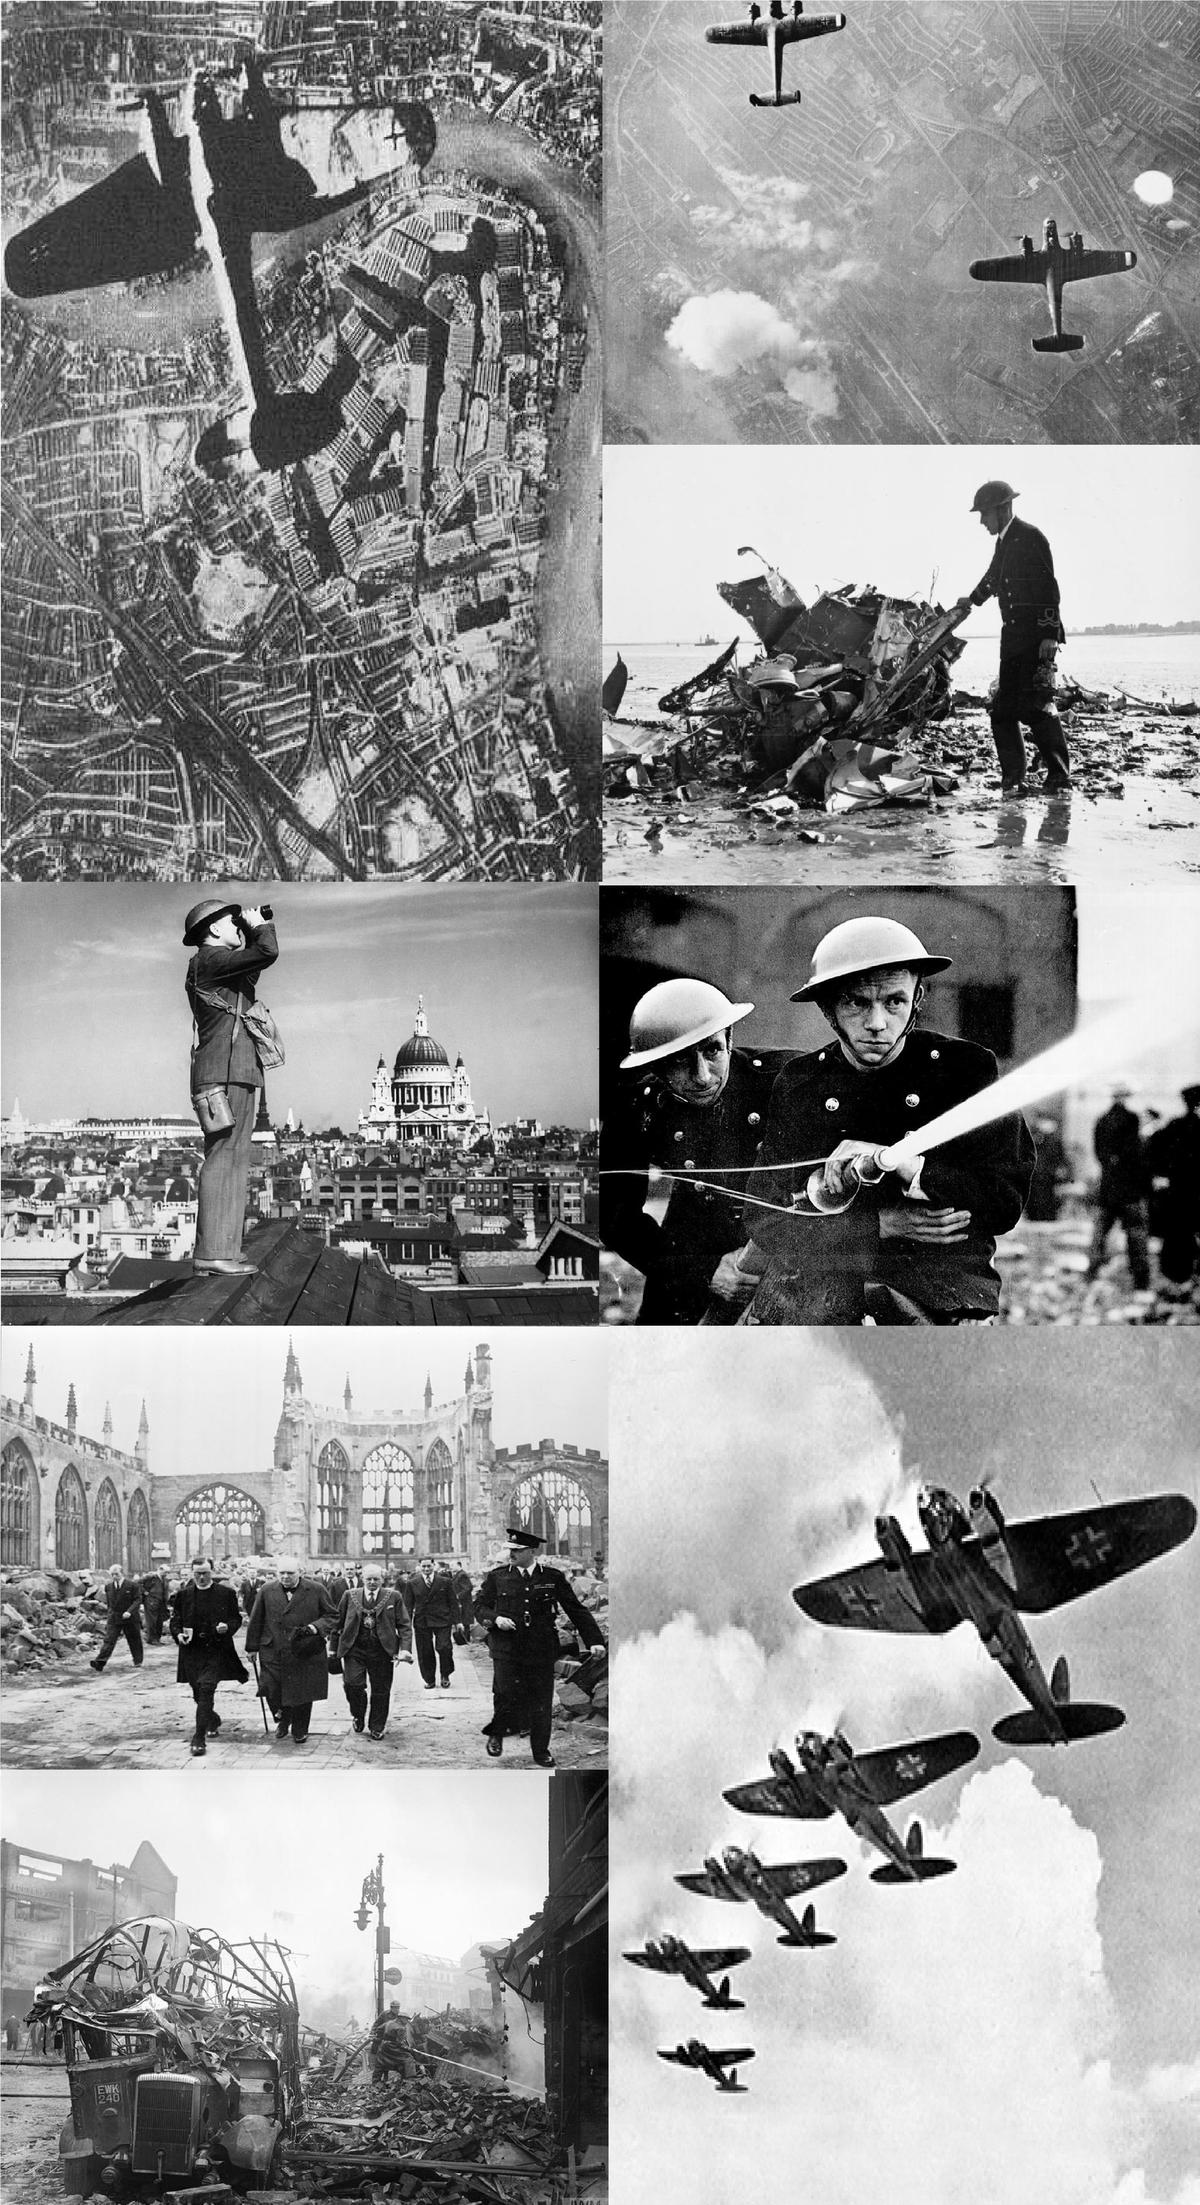 Fotos de la segunda guerra mundial muertos 24